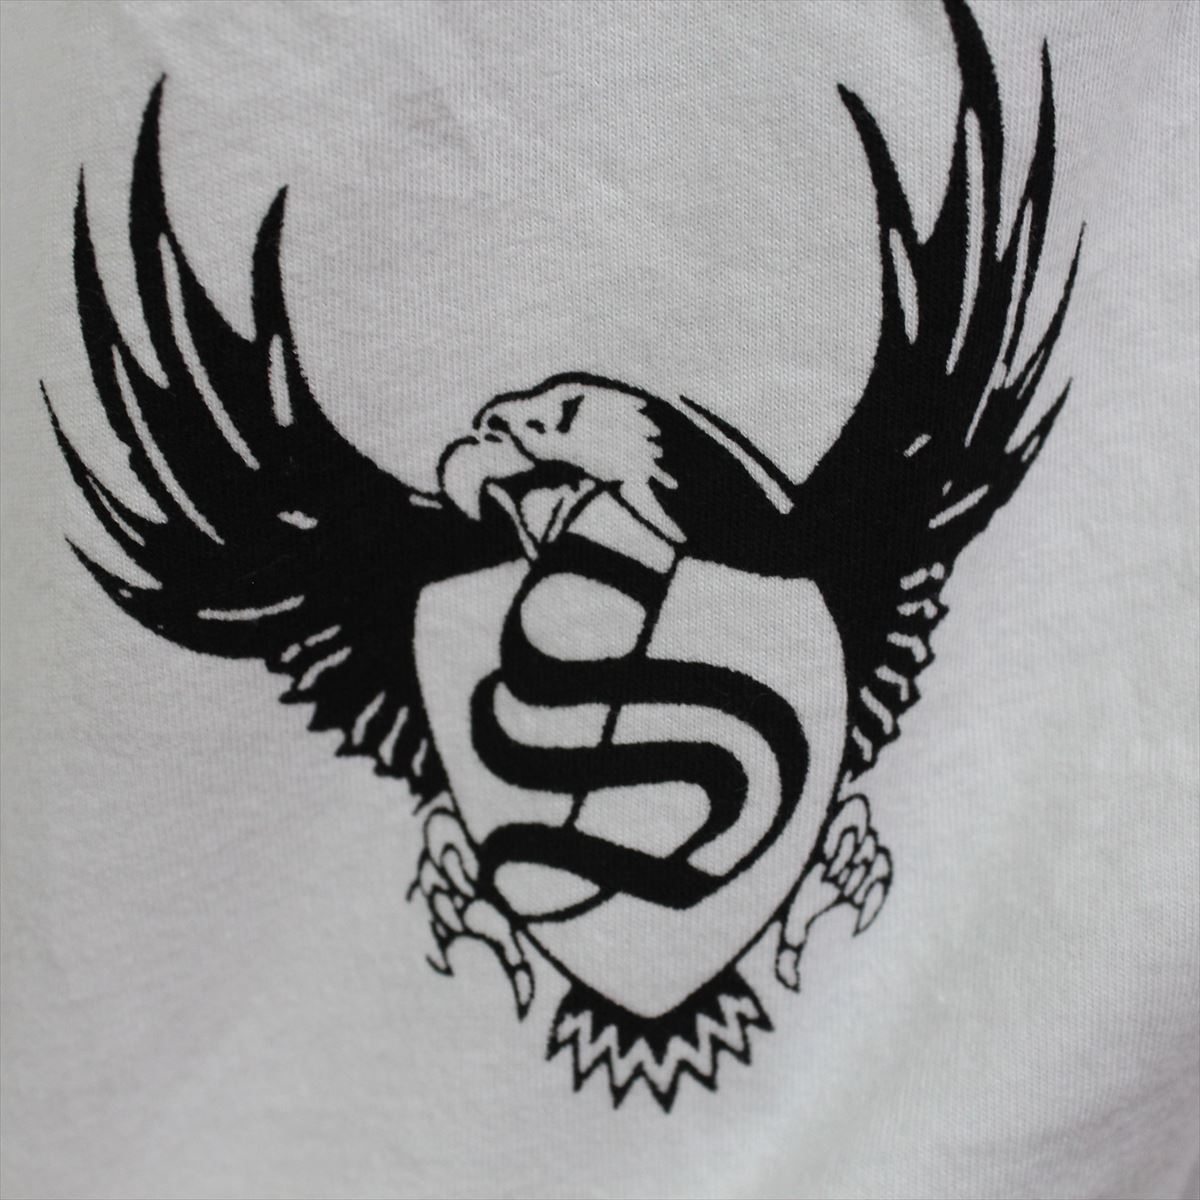 スメット SMET メンズ半袖Tシャツ ホワイト Lサイズ NO4 新品_画像4